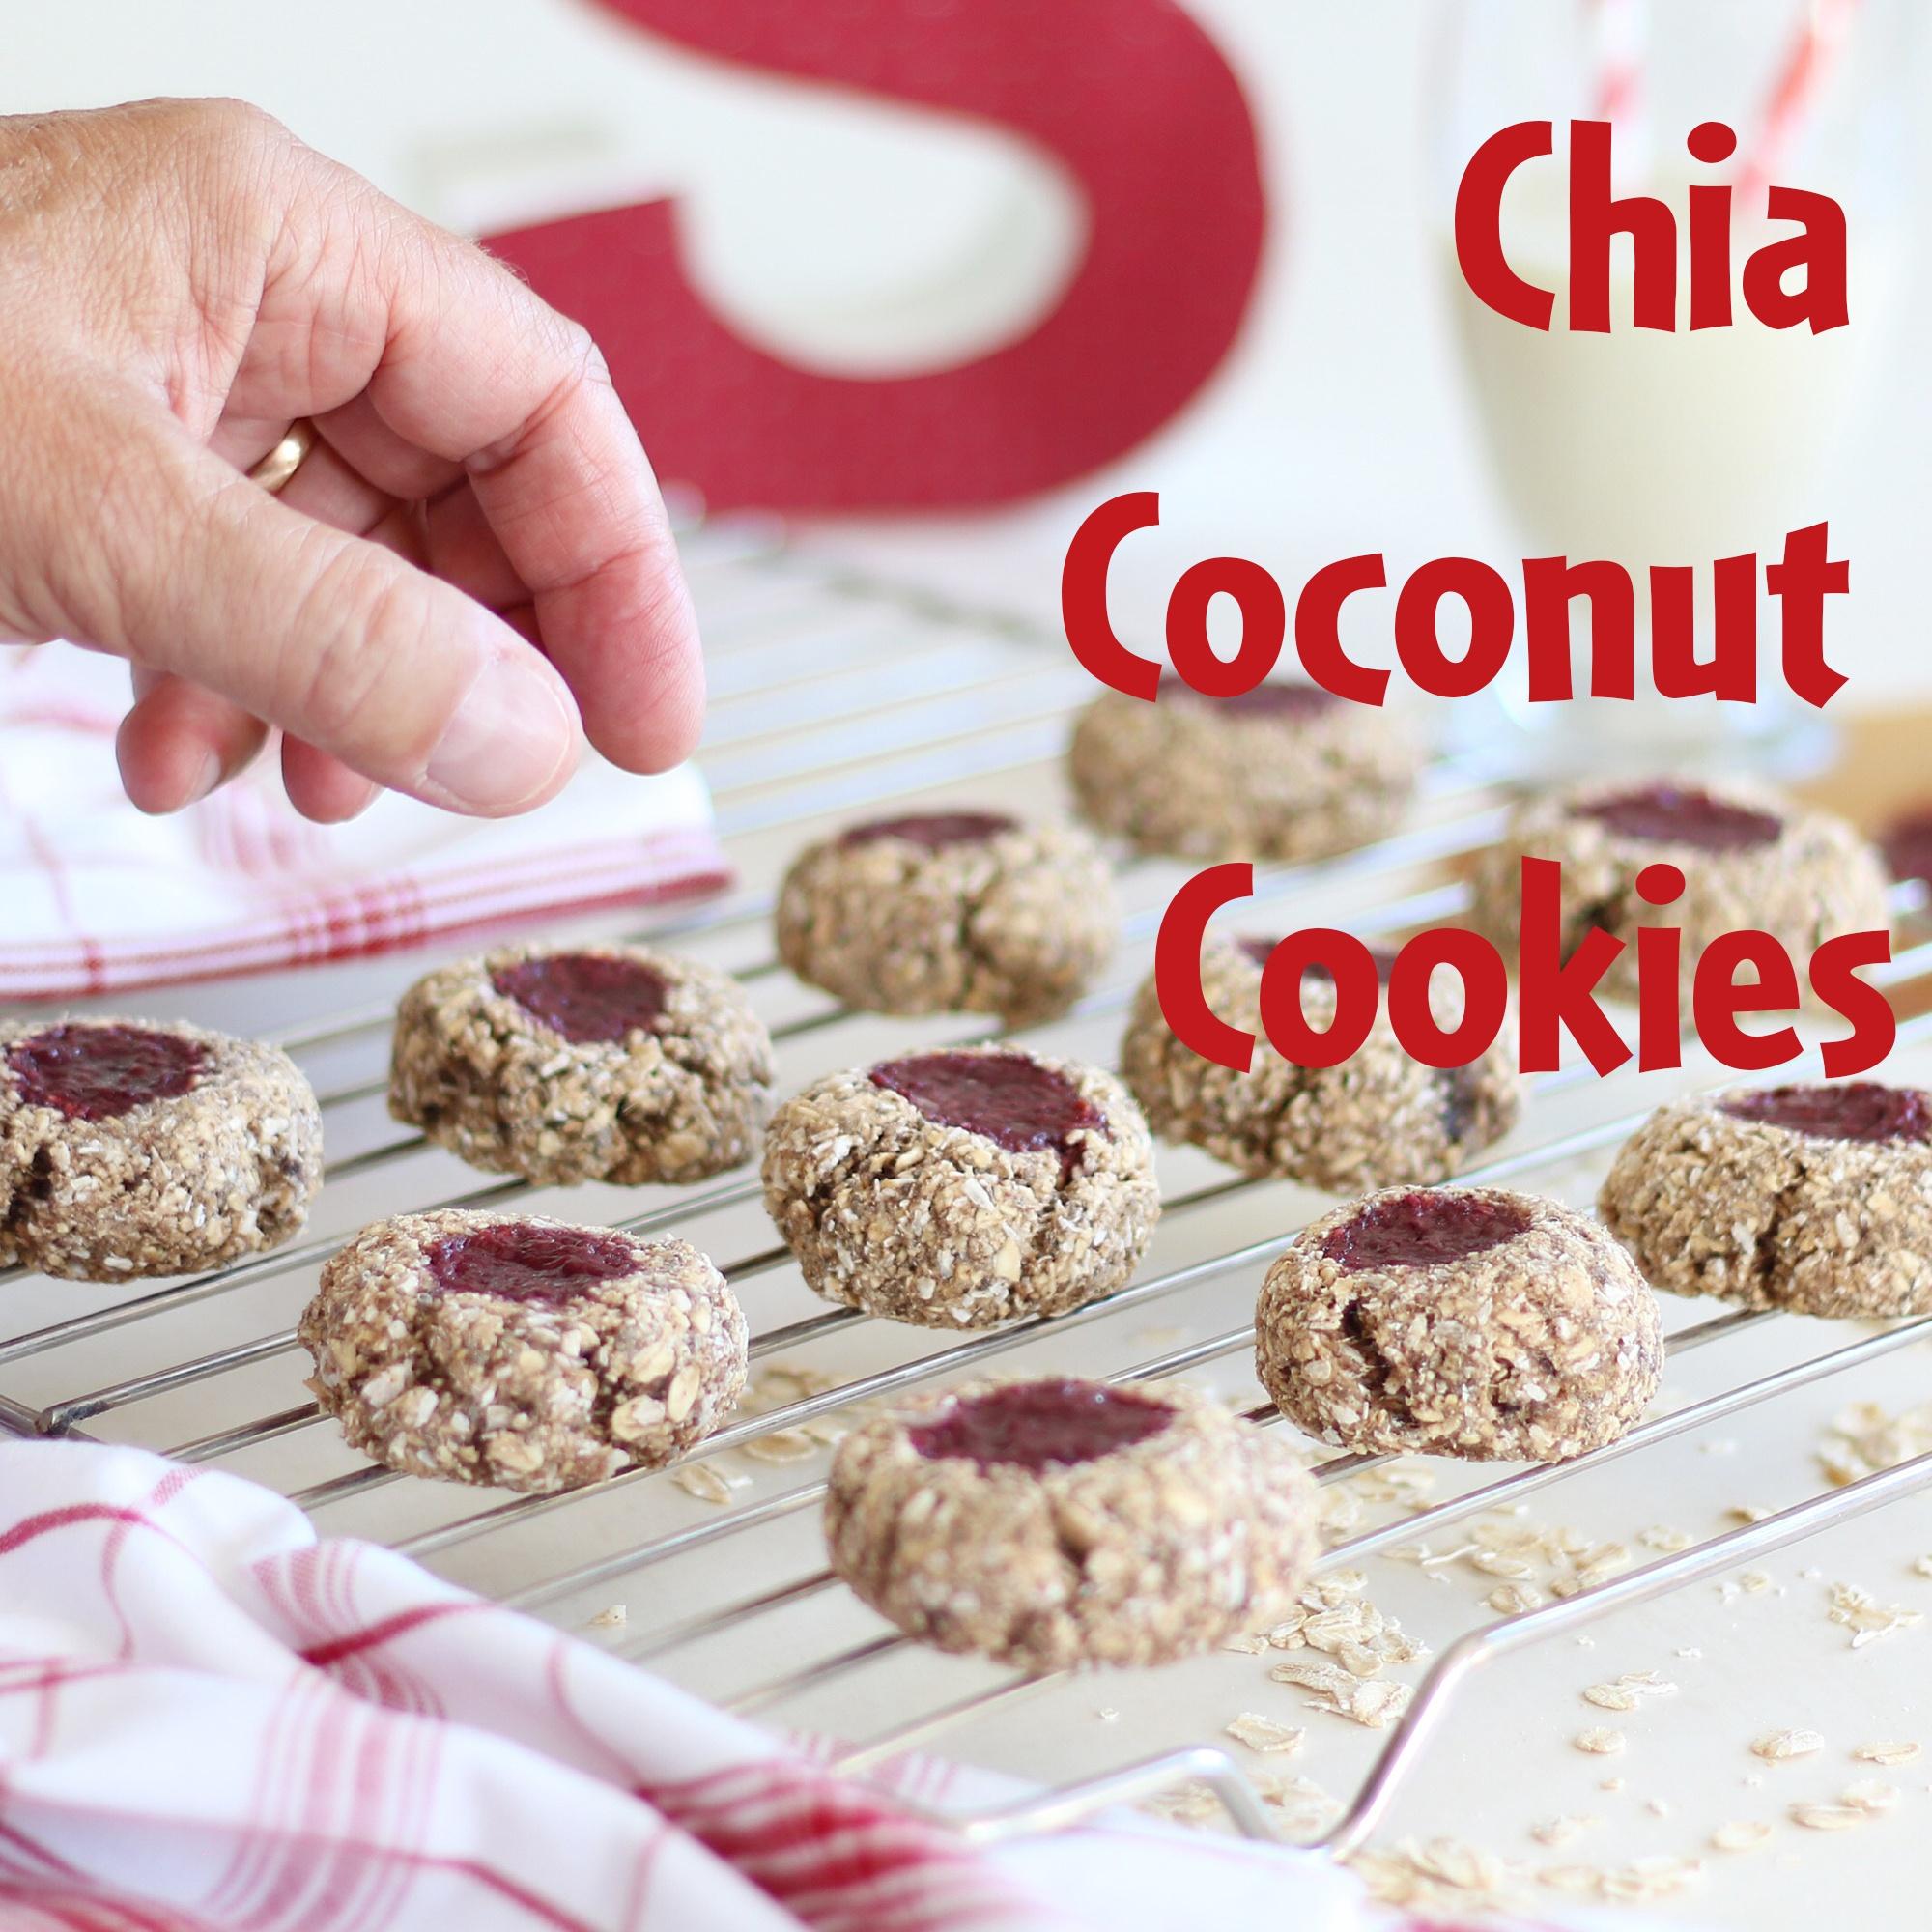 Semper gluteeniton Chia Coconut Cookies